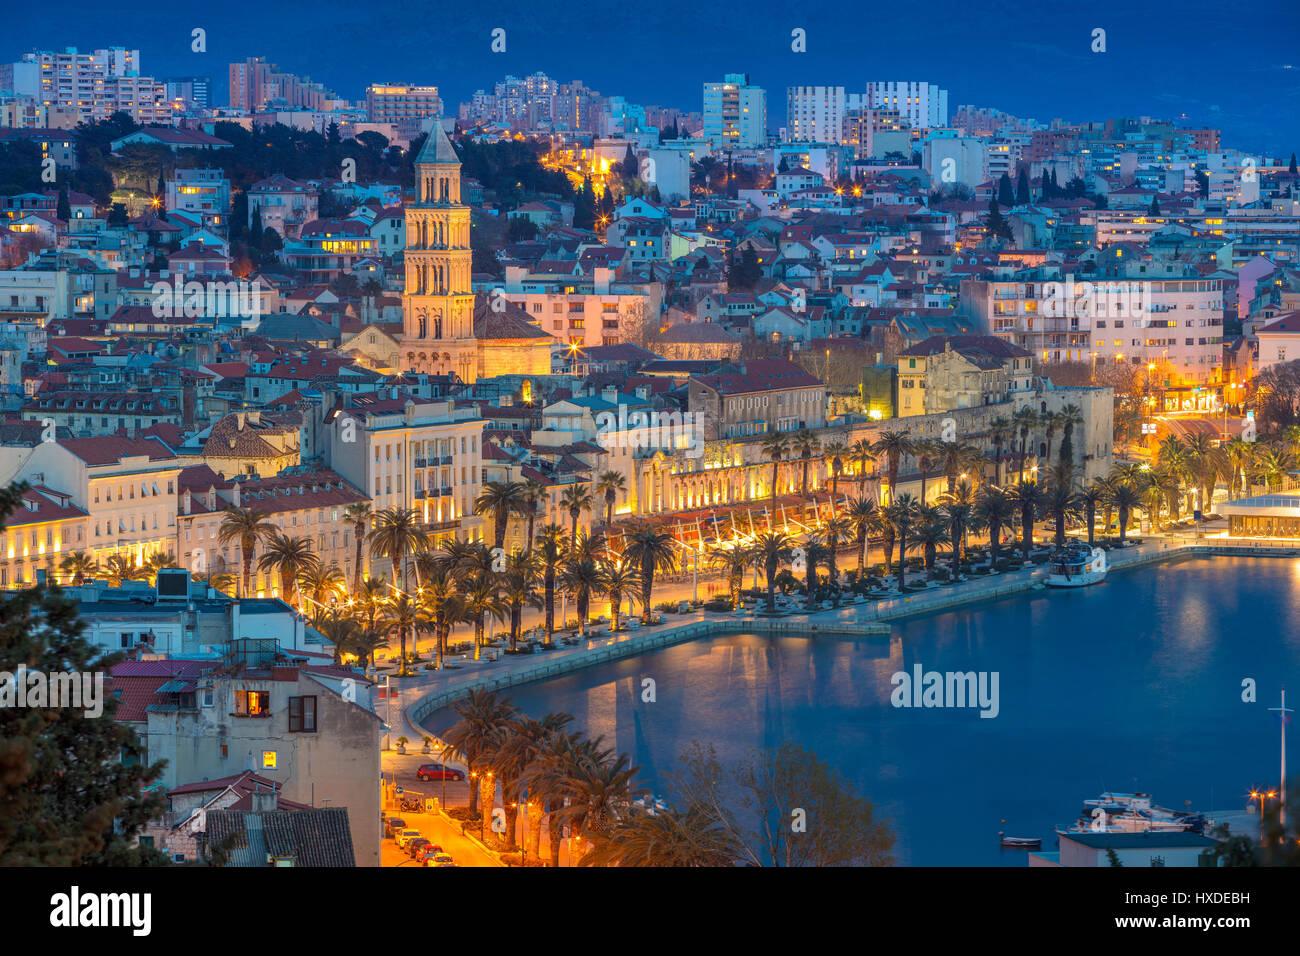 Split. Schöne romantische Altstadt von Split im blauen Dämmerstunde. Kroatien, Europa. Stockbild